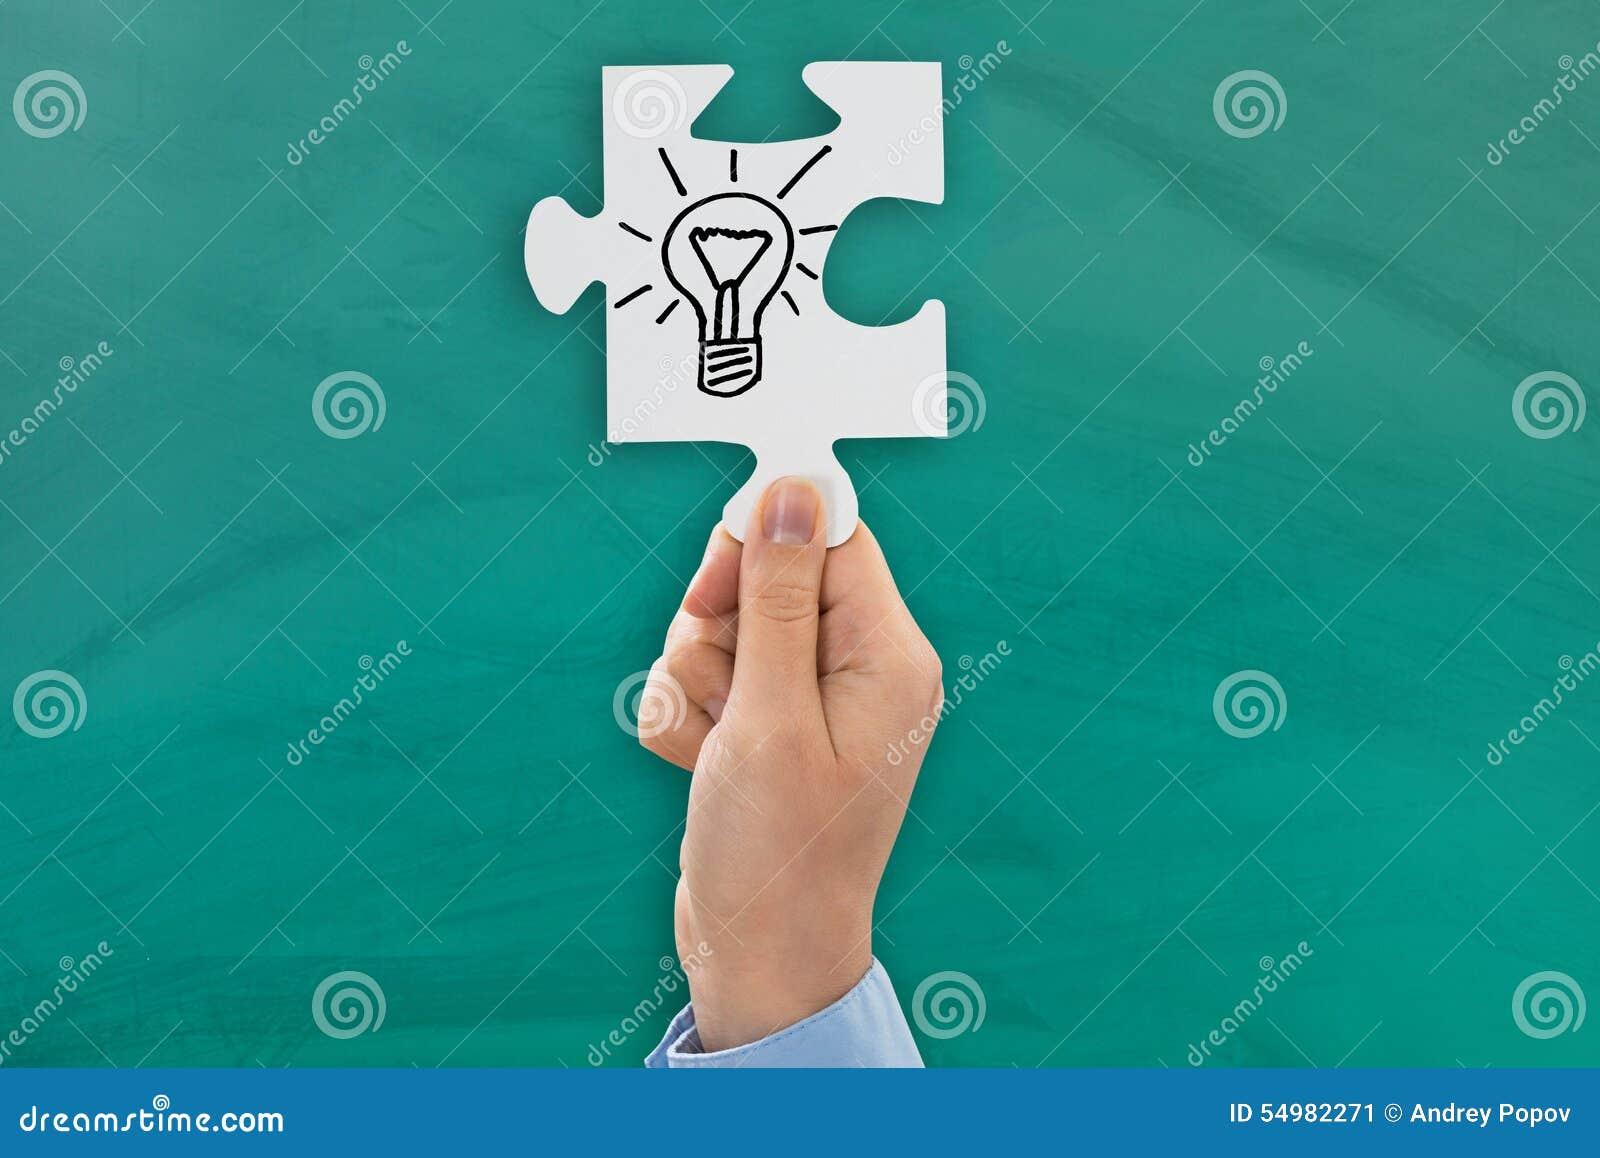 显示电灯泡标志的人手